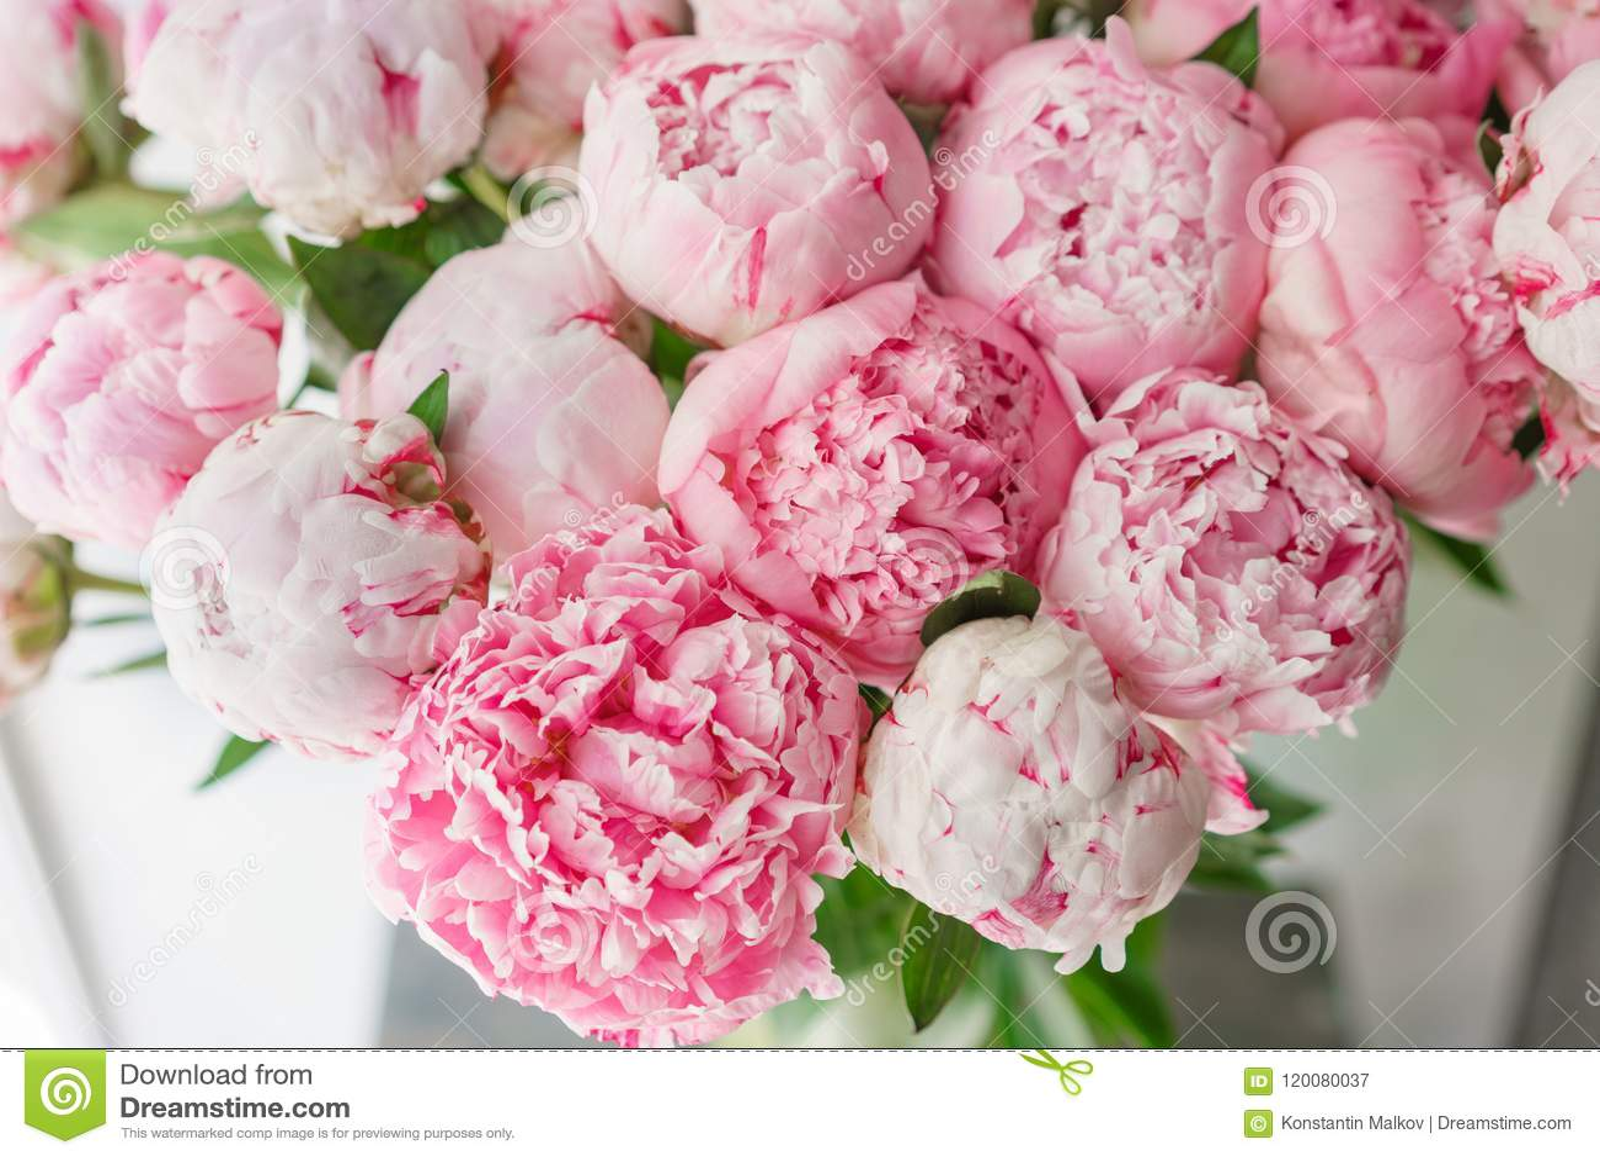 Ramo hermoso de peonías rosadas Composición floral, luz del día wallpaper Flores preciosas en el florero de cristal